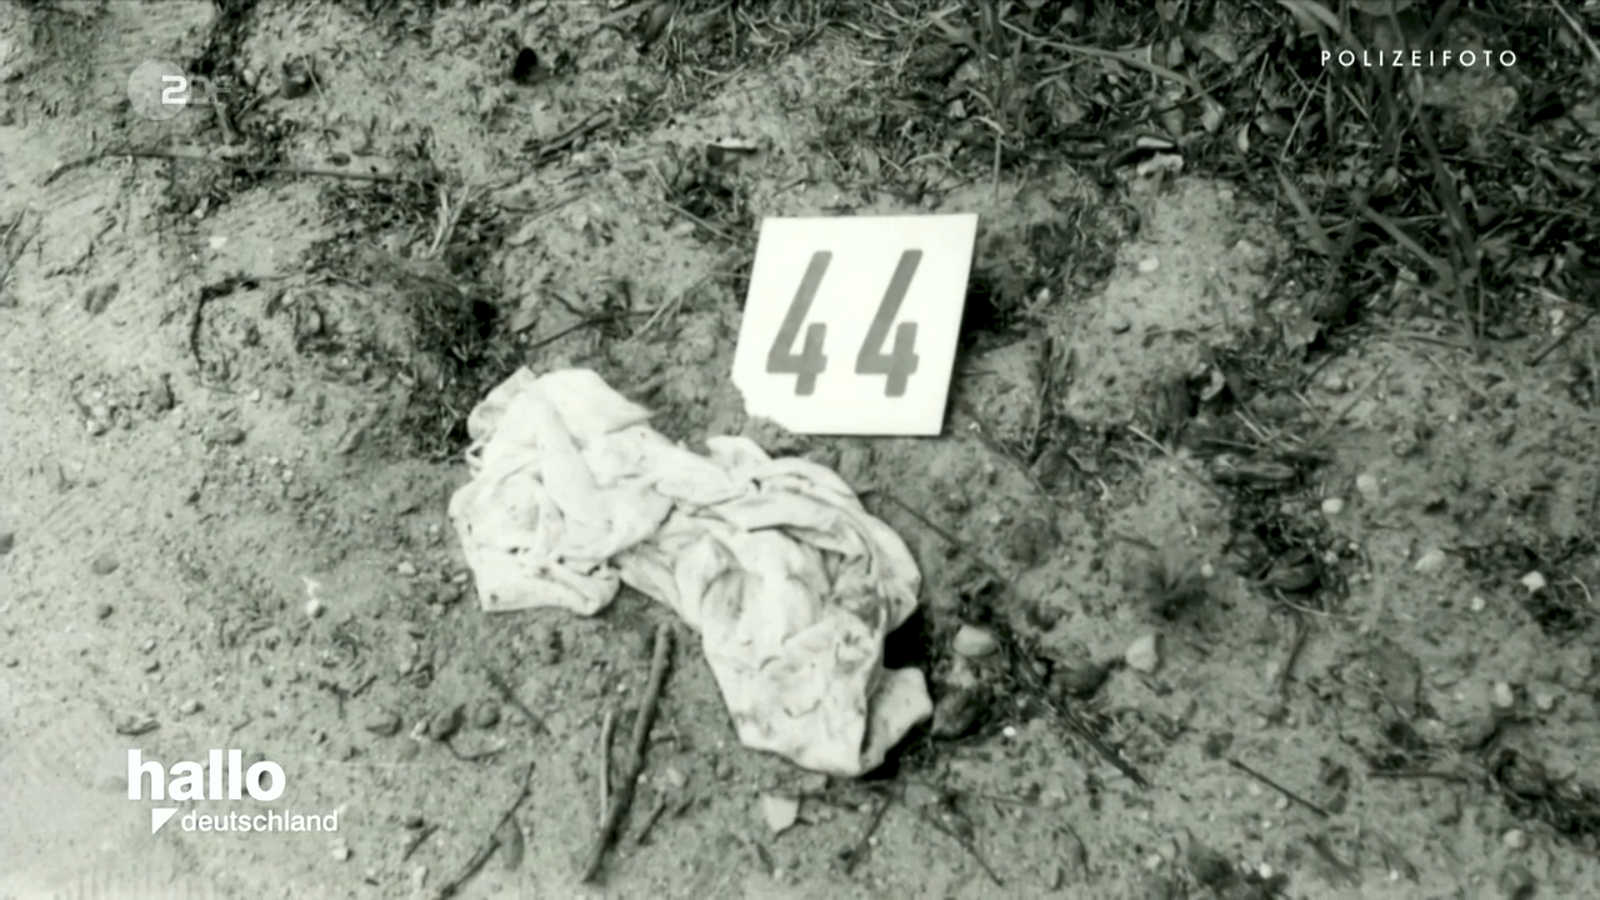 Ślady znalezione na miejscu zbrodni - 2